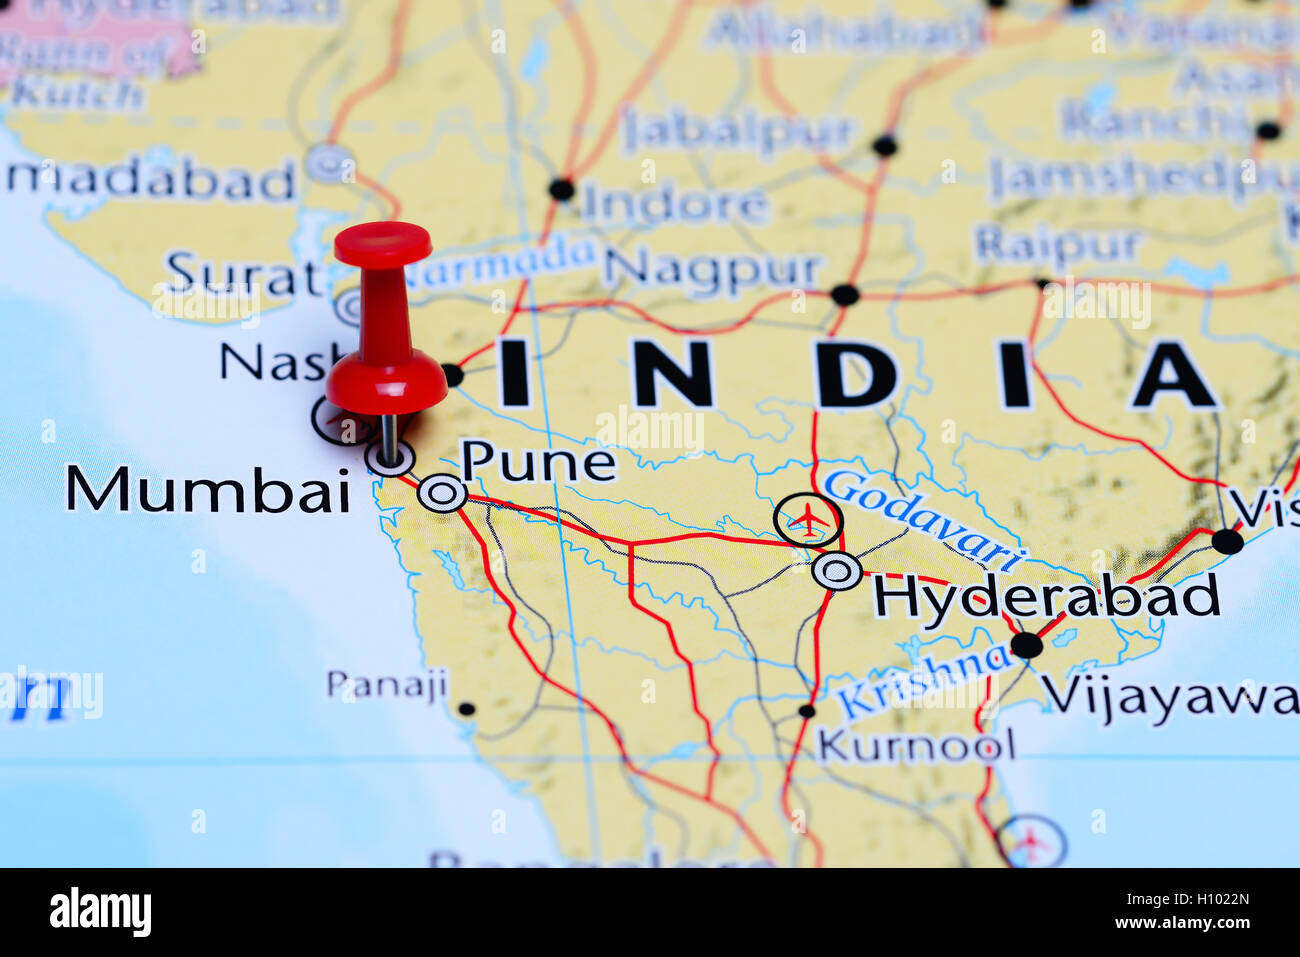 indien mumbai karte Mumbai, fixiert auf einer Karte von Indien Stockfotografie   Alamy